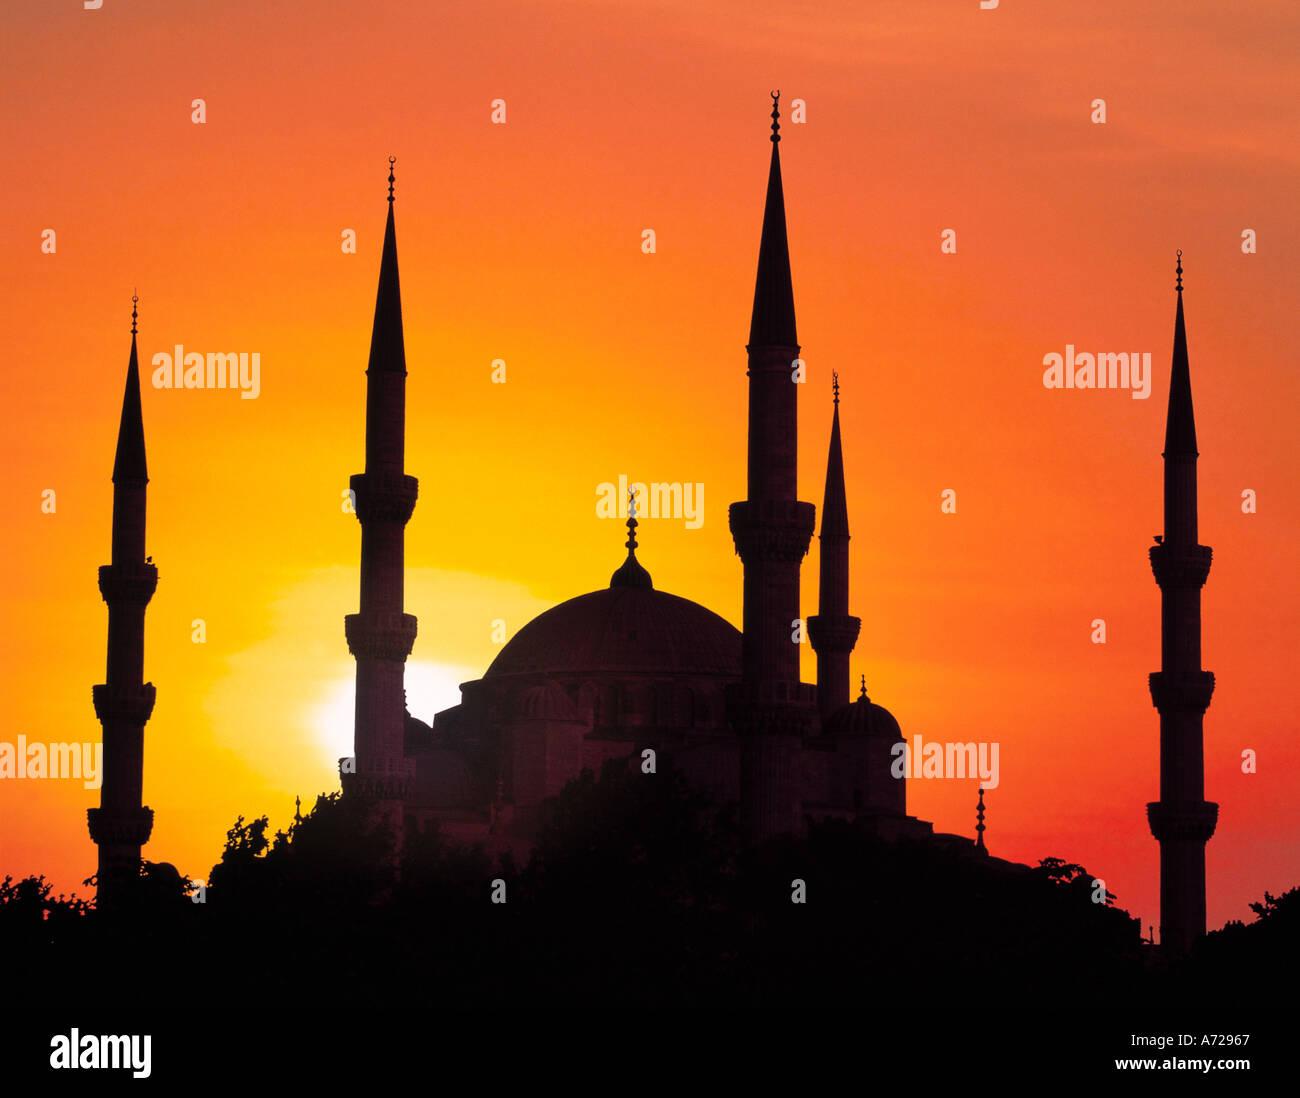 Mezquita Sultan Ahmet Camii Mezquita Azul en Estambul, Turquía Imagen De Stock